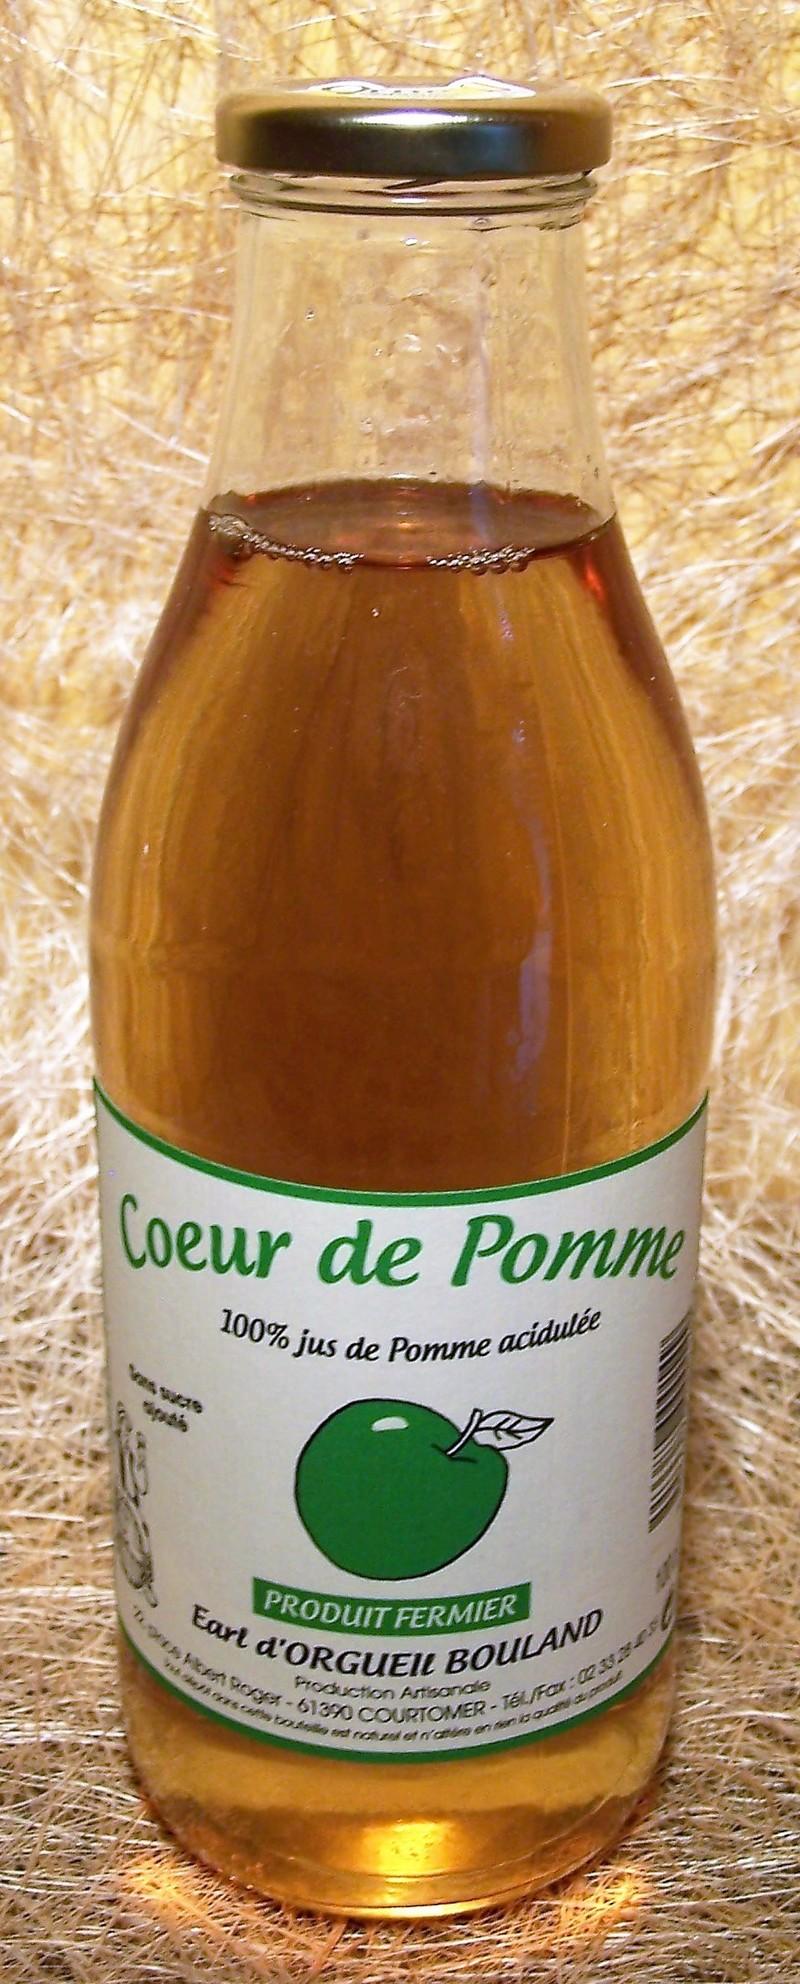 C½ur de Pomme Acidulé - Cid'Aigre, Jus de Fruits, Cidre et Poiré d'Orgueil - La Cave d'Orgueil - Voir en grand